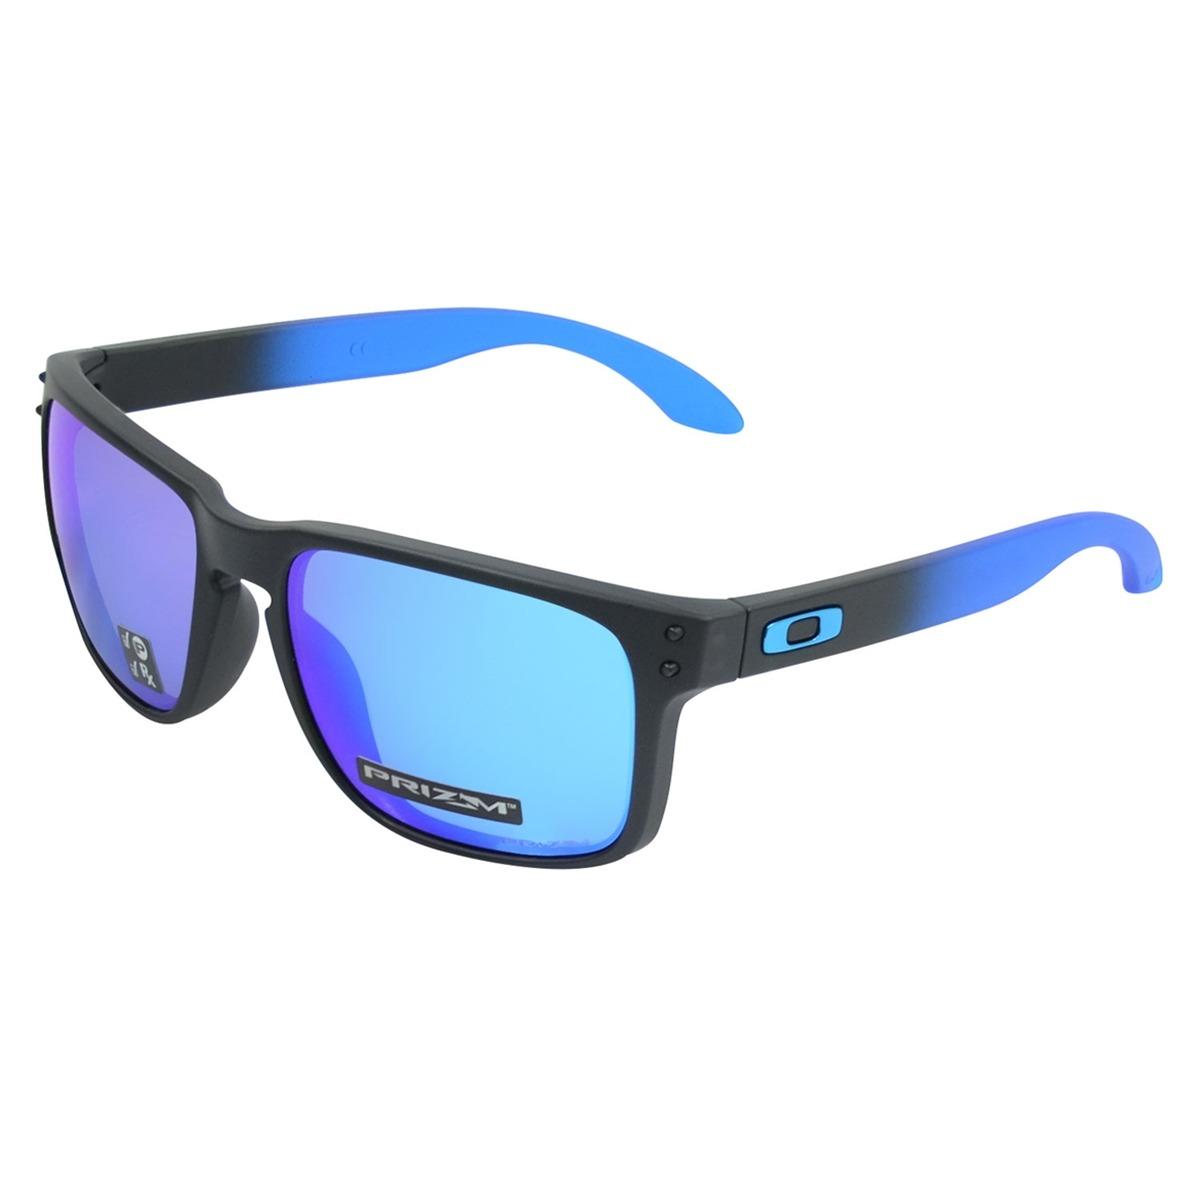 c01ff3ba14cbd óculos oakley holbrook prizm espelhado polarizado preto fosc. Carregando  zoom.